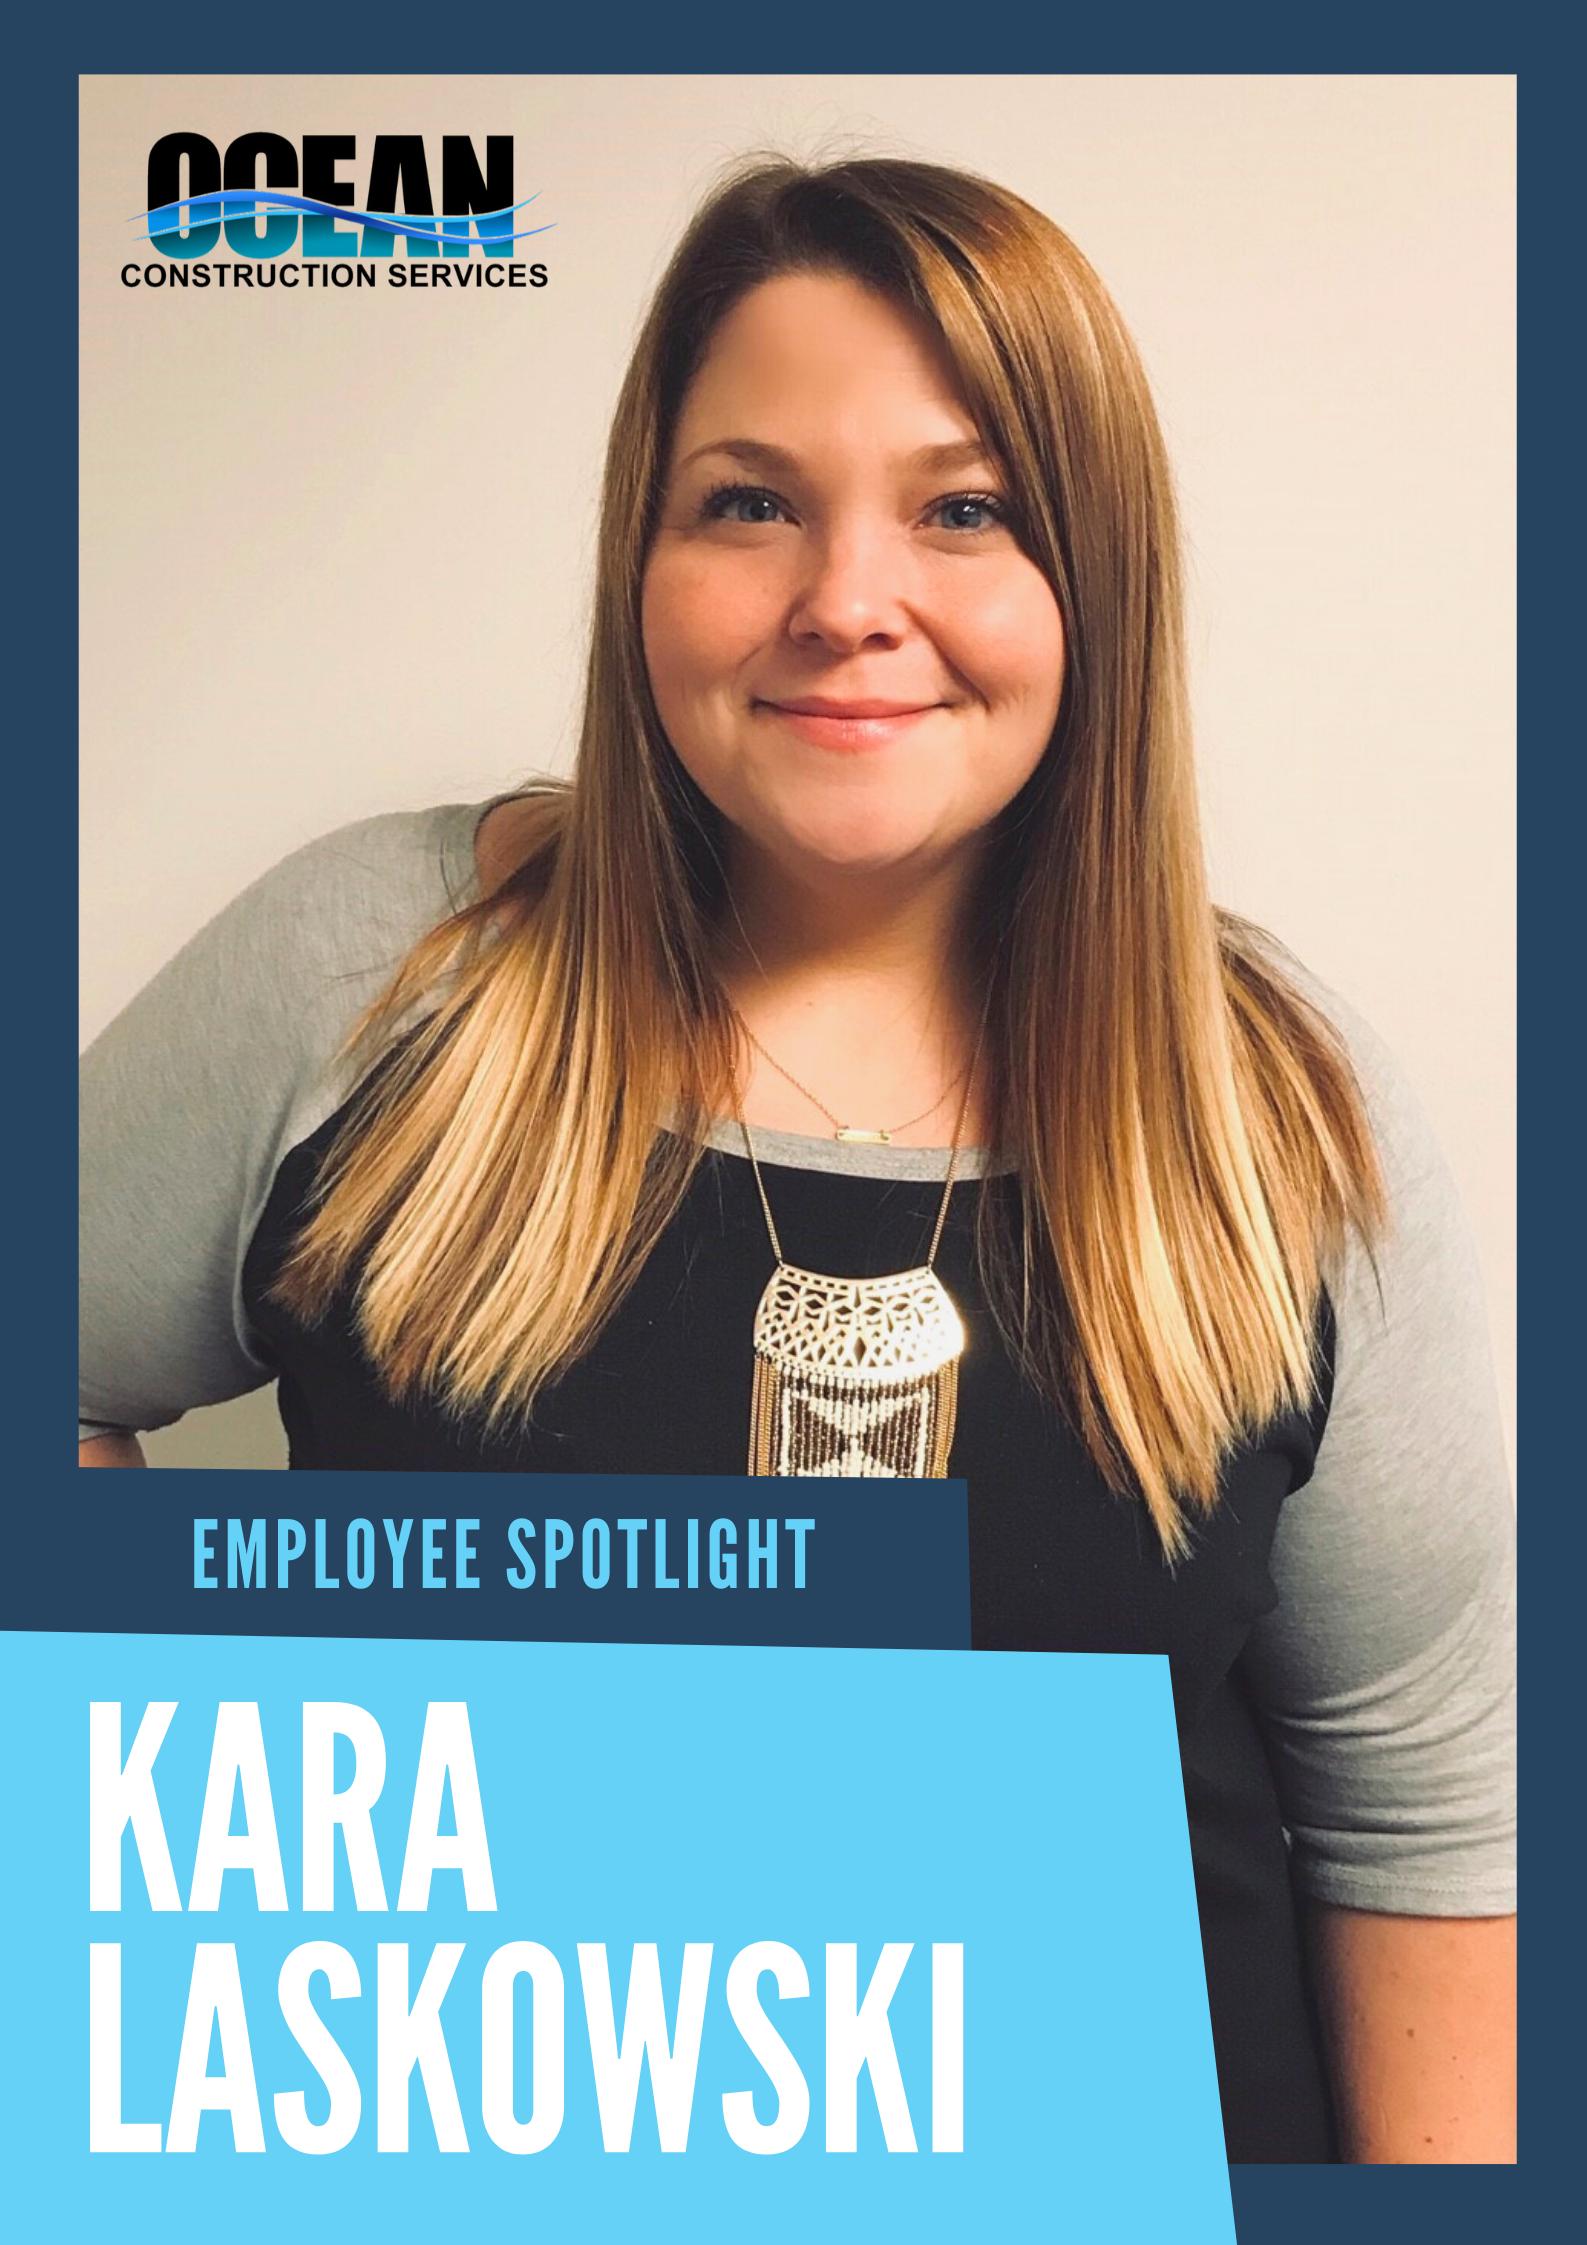 Employee Spotlight - Kara